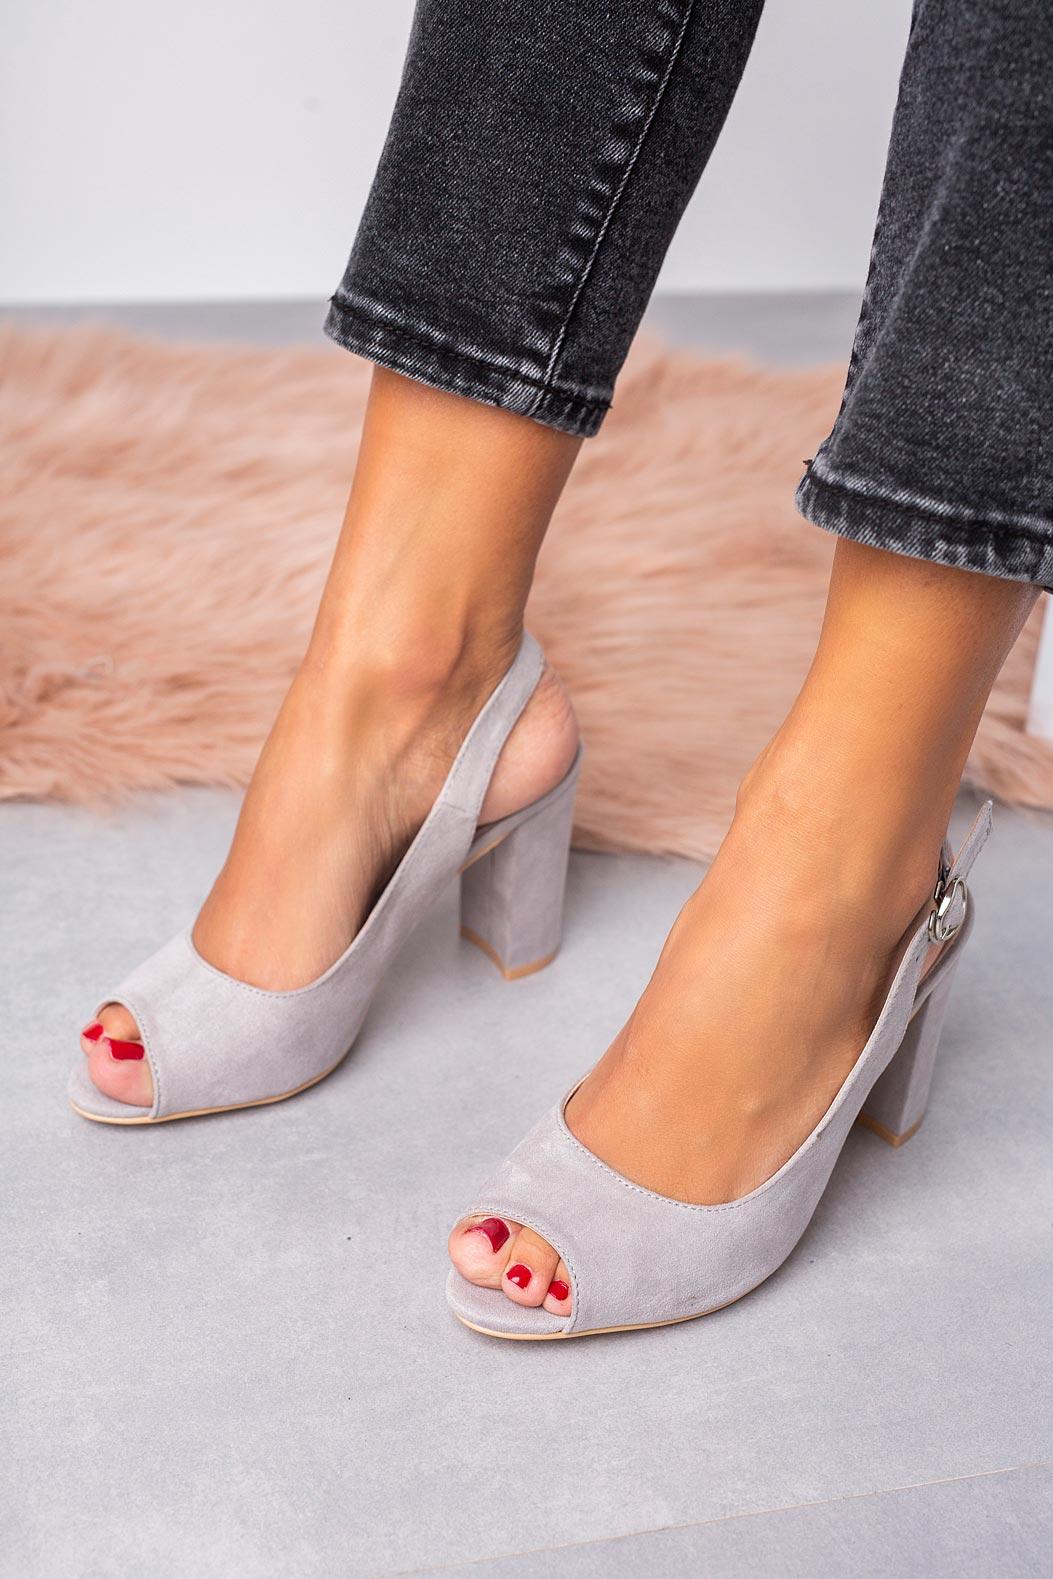 Szare sandały na słupku ze skórzaną wkładką Casu N20X4/G model N20X4/G